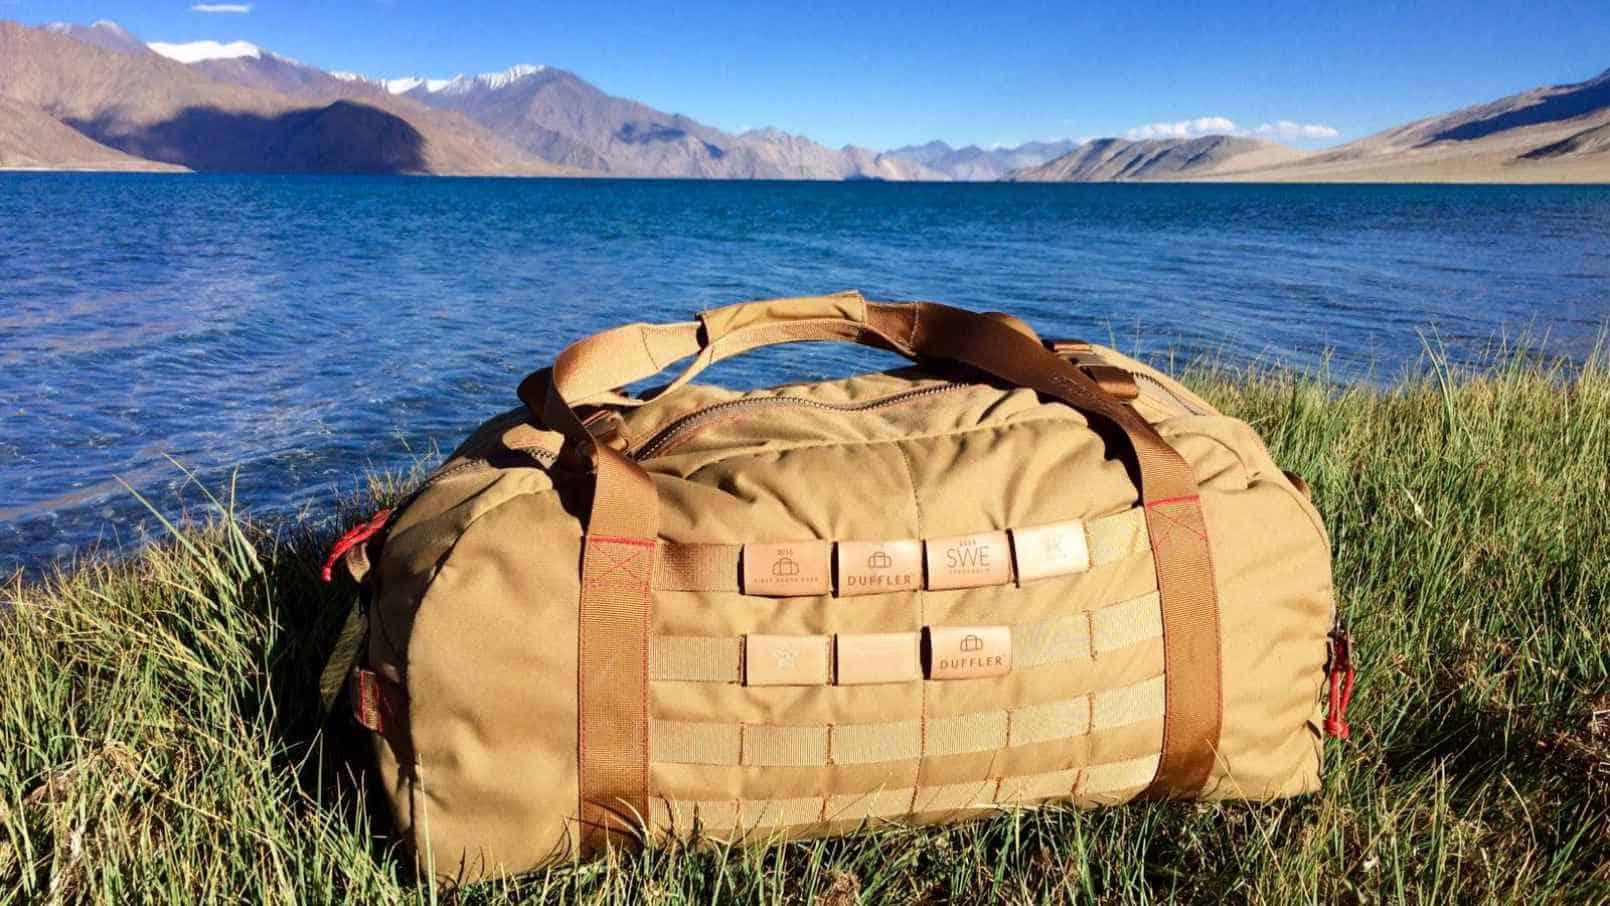 Duffler Bags bag in nature